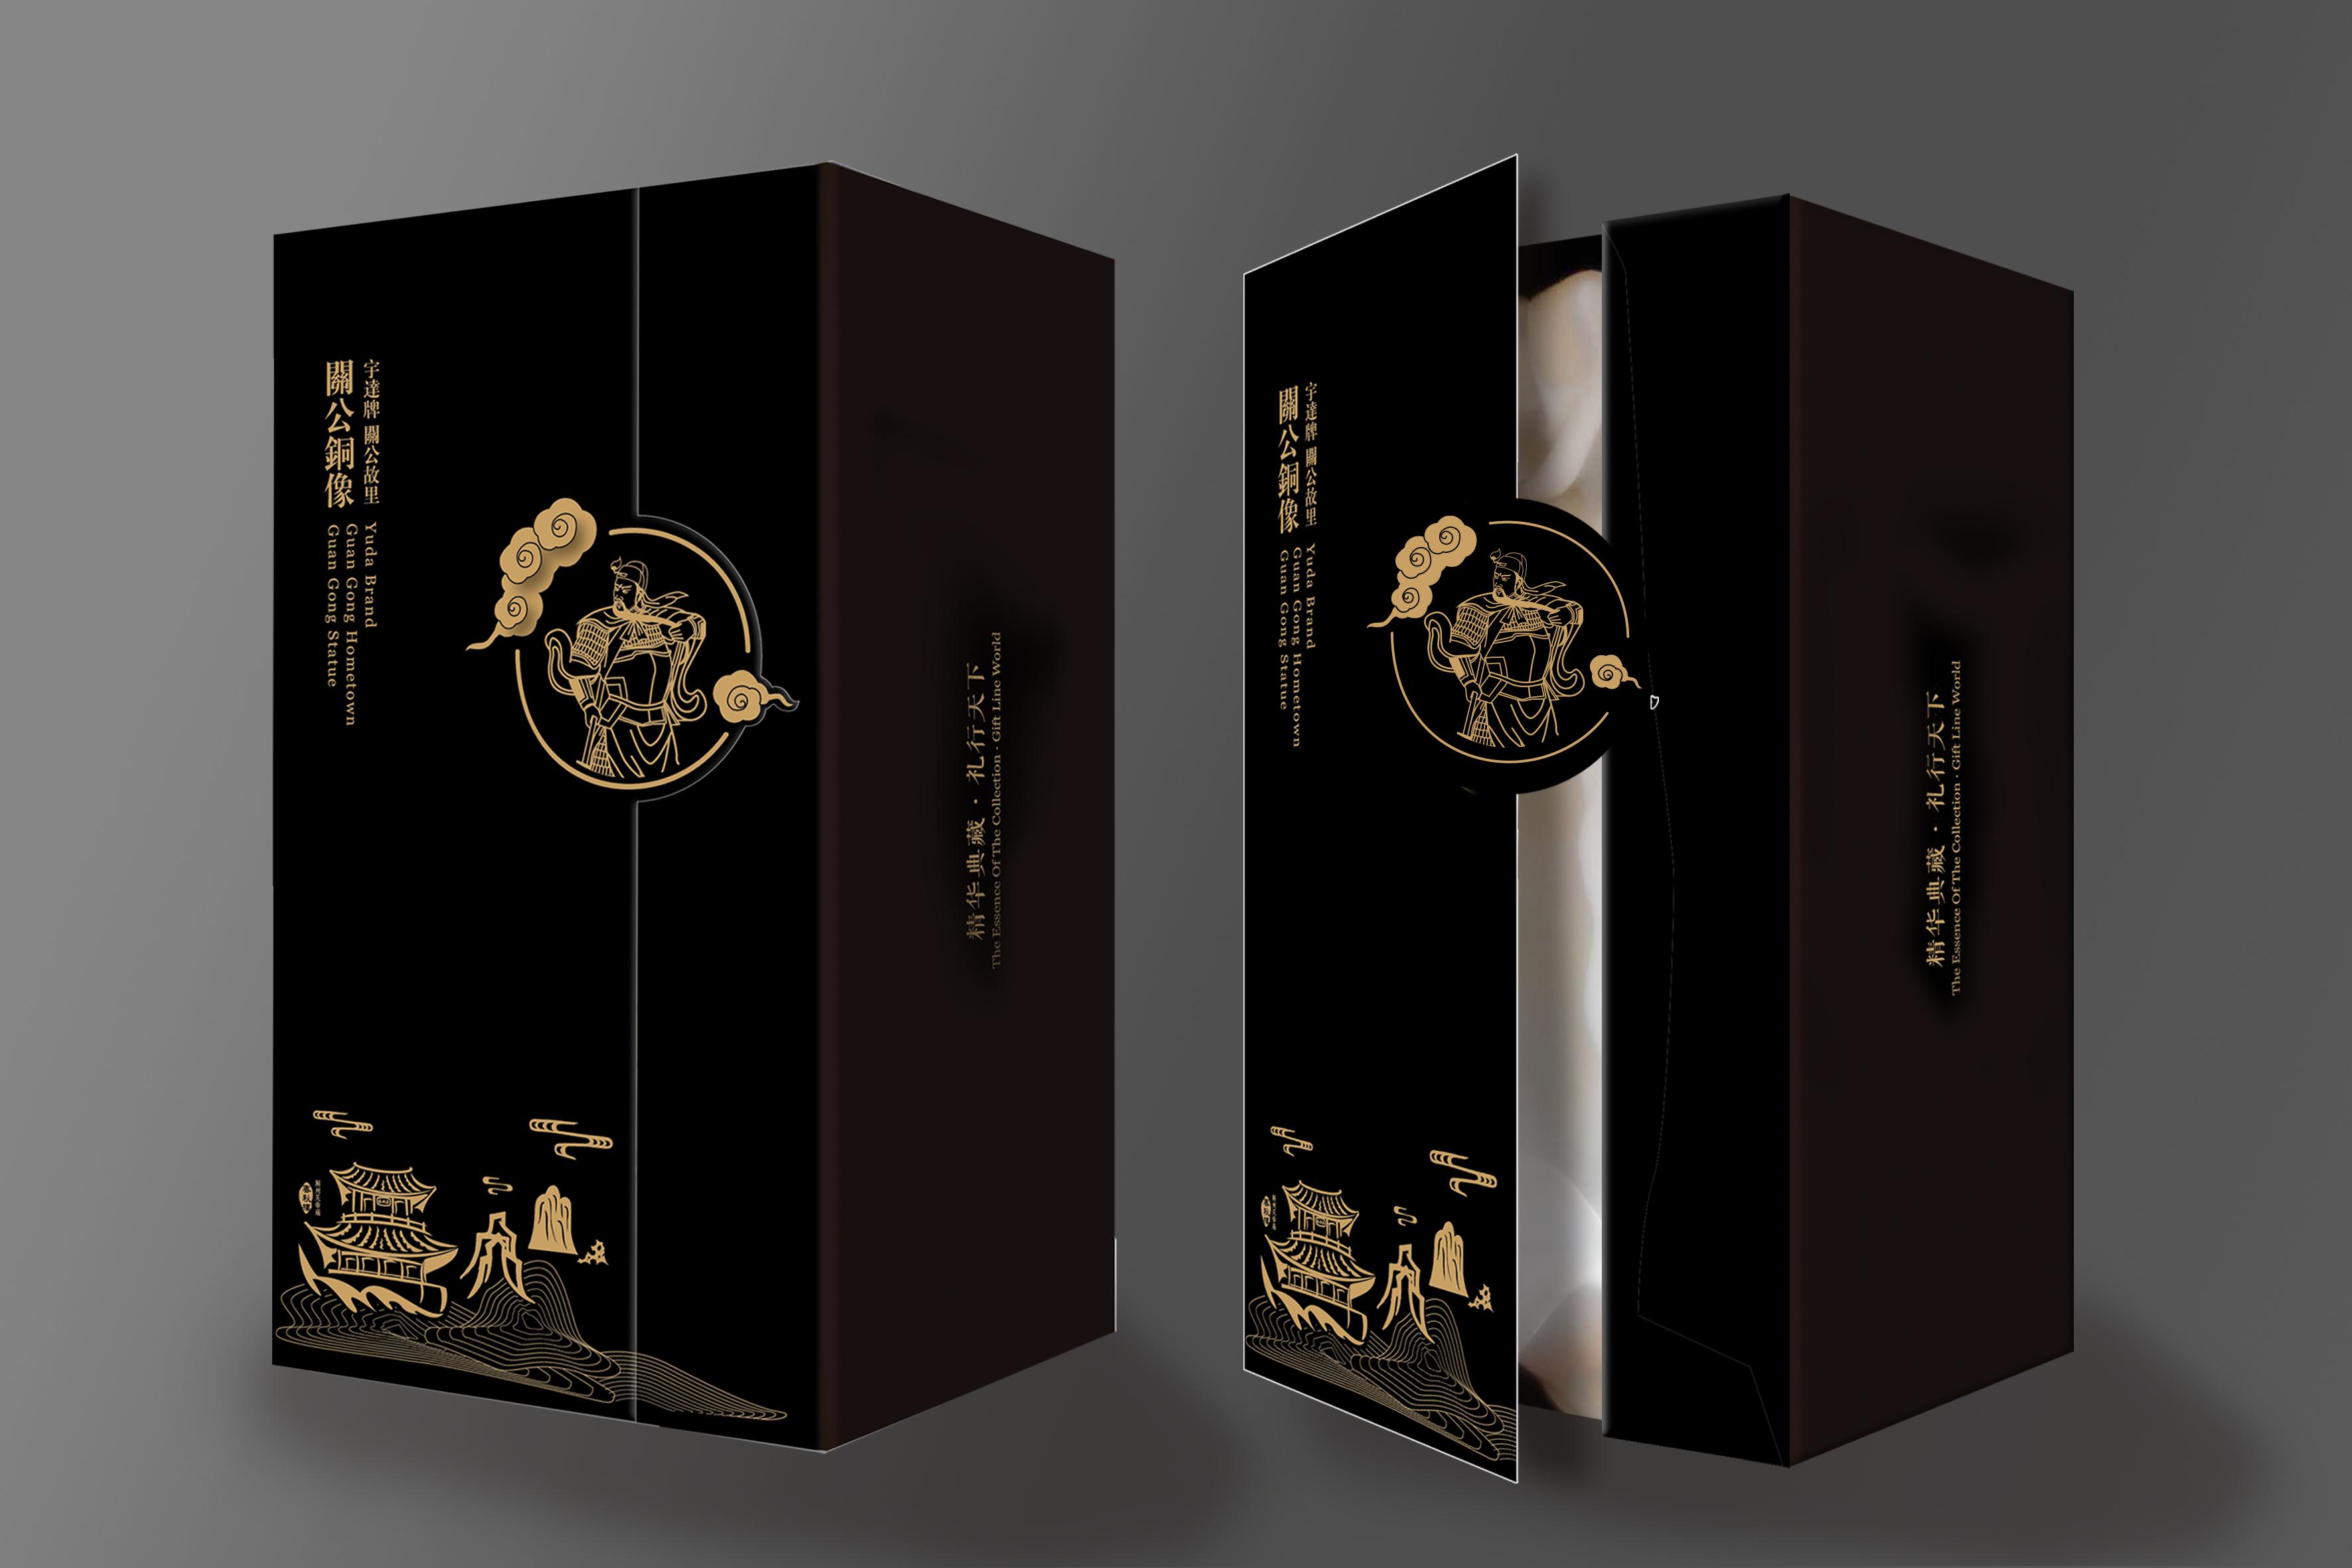 山西宇达集团系列包装设计